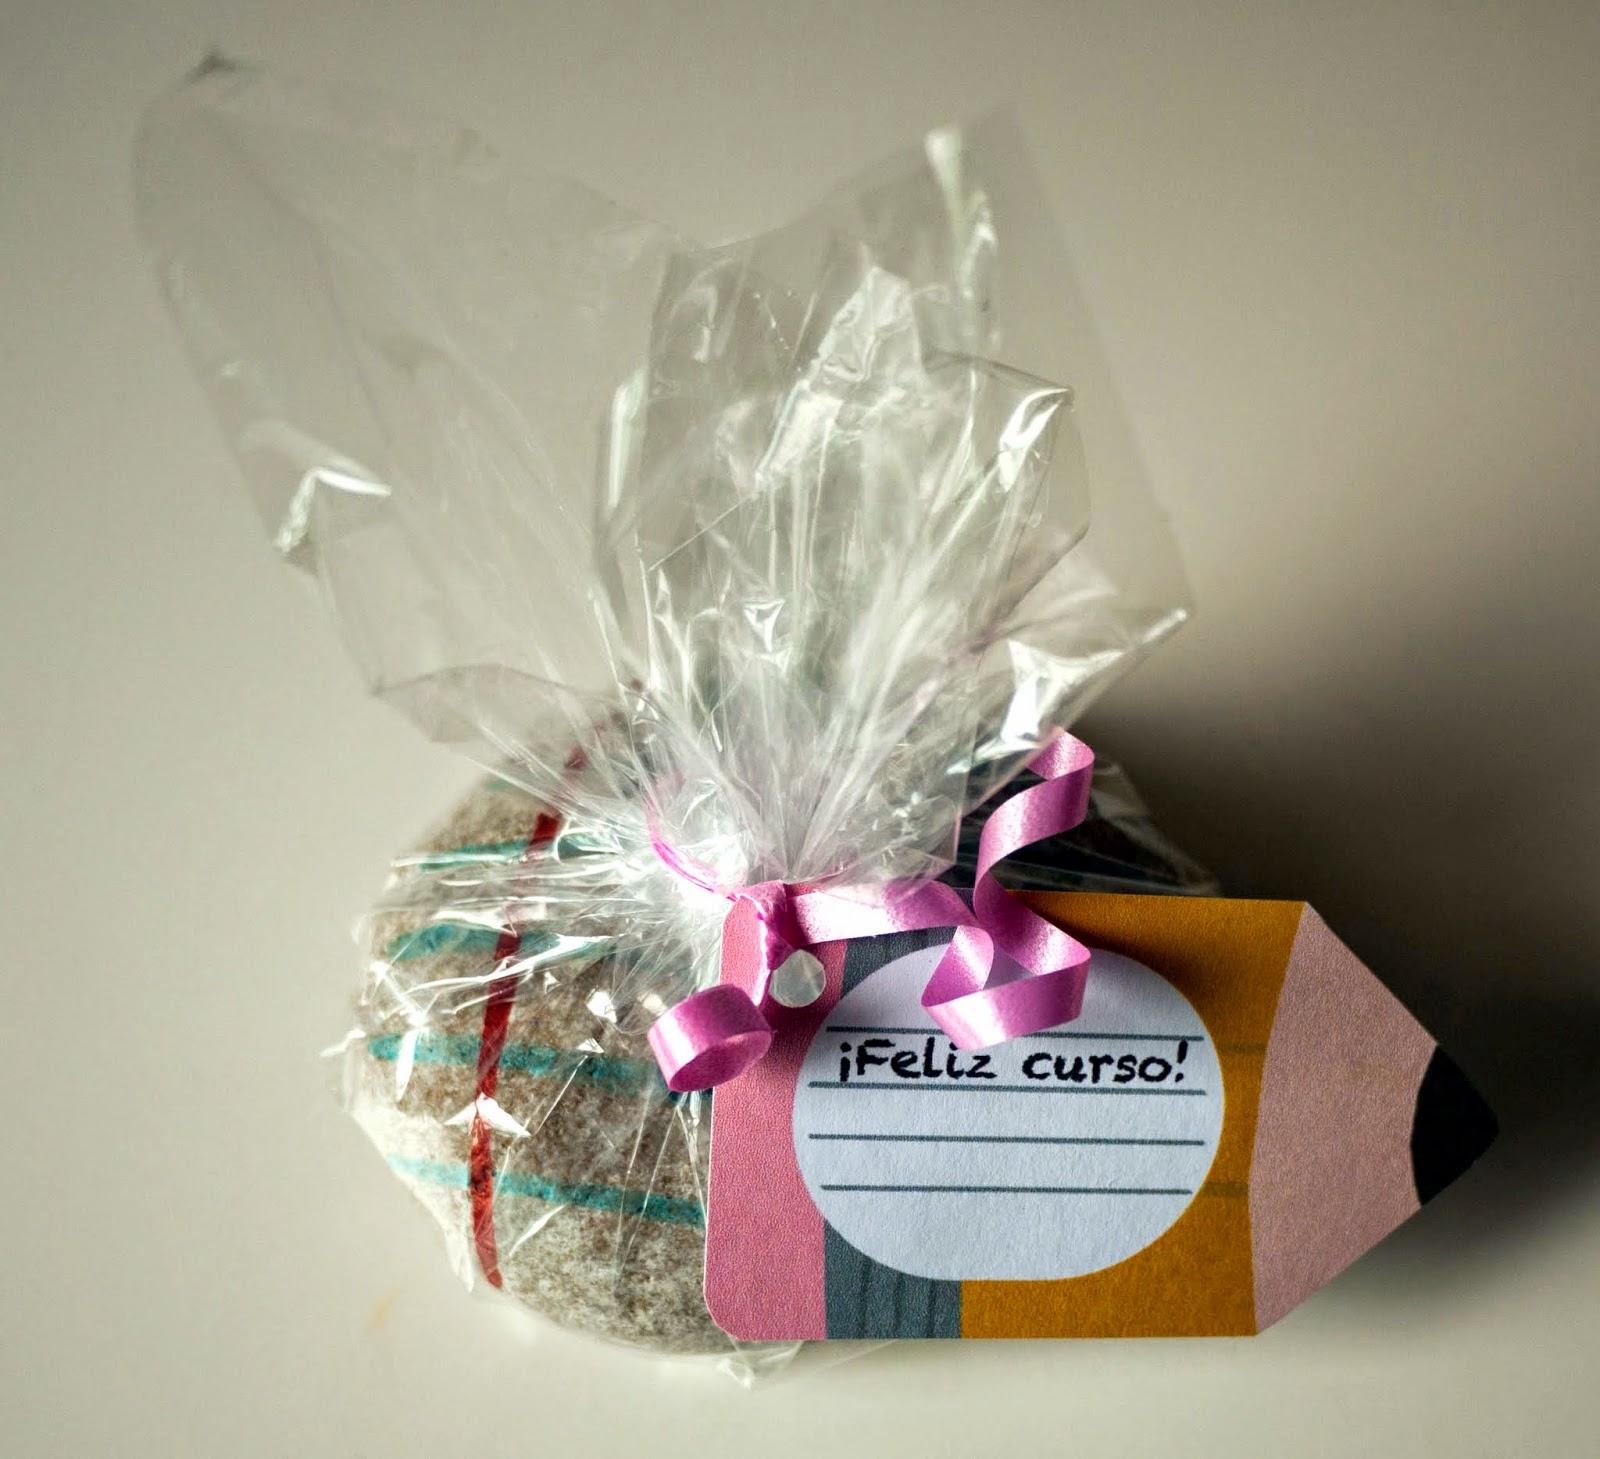 Pisapapeles de piedra para profesores envuelto para regalo con papel de celofán y con una etiqueta de lápiz